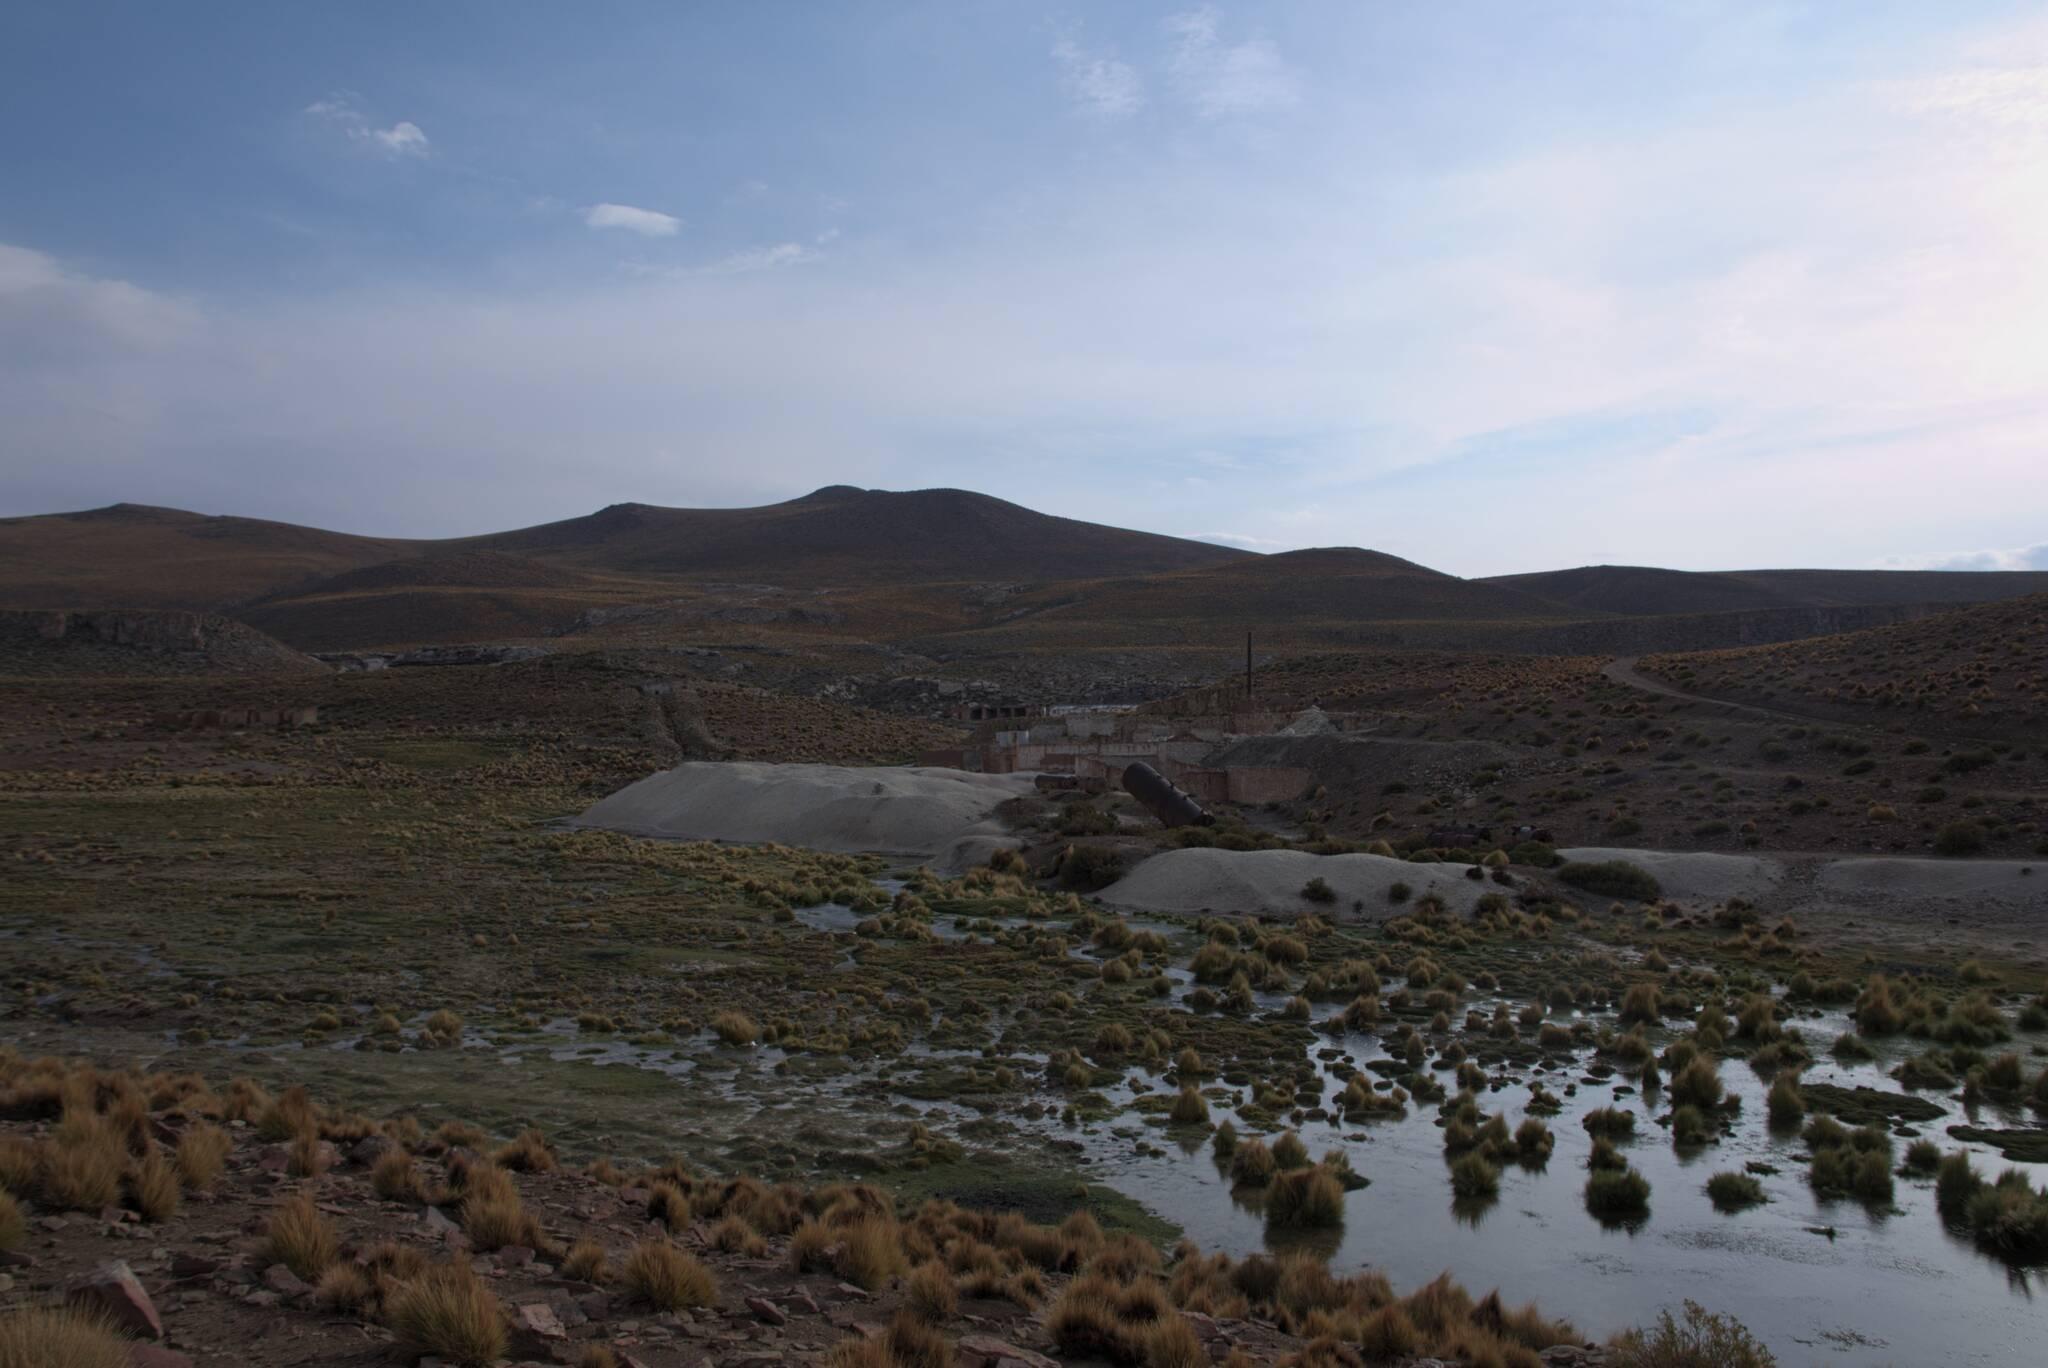 To jest powód dla powstania drogi na wulkan, opuszczona kopalnia siarki